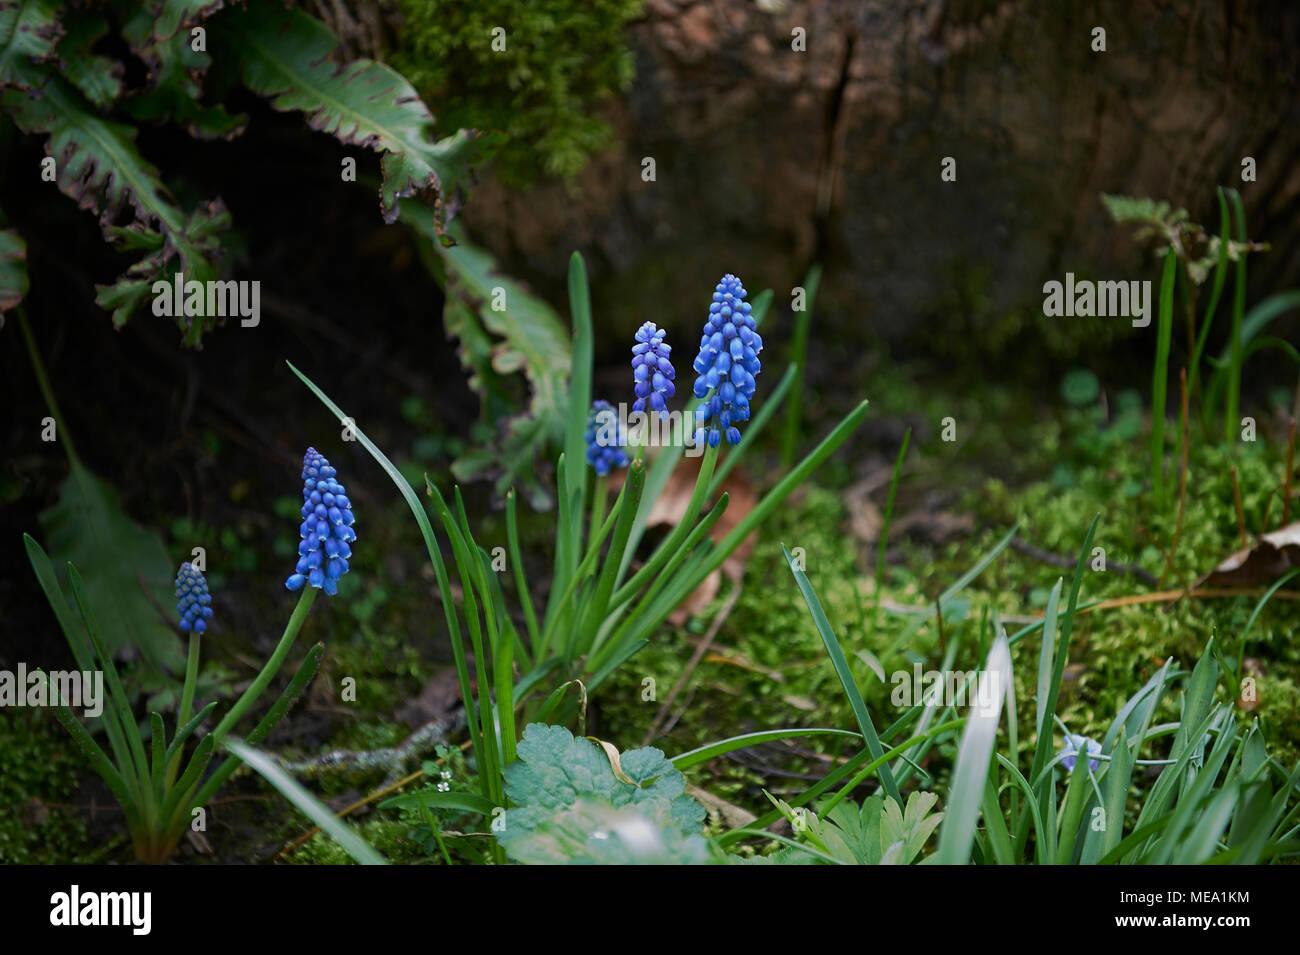 Grape Hyacinth (Muscari) croissant dans des bois humides. Banque D'Images